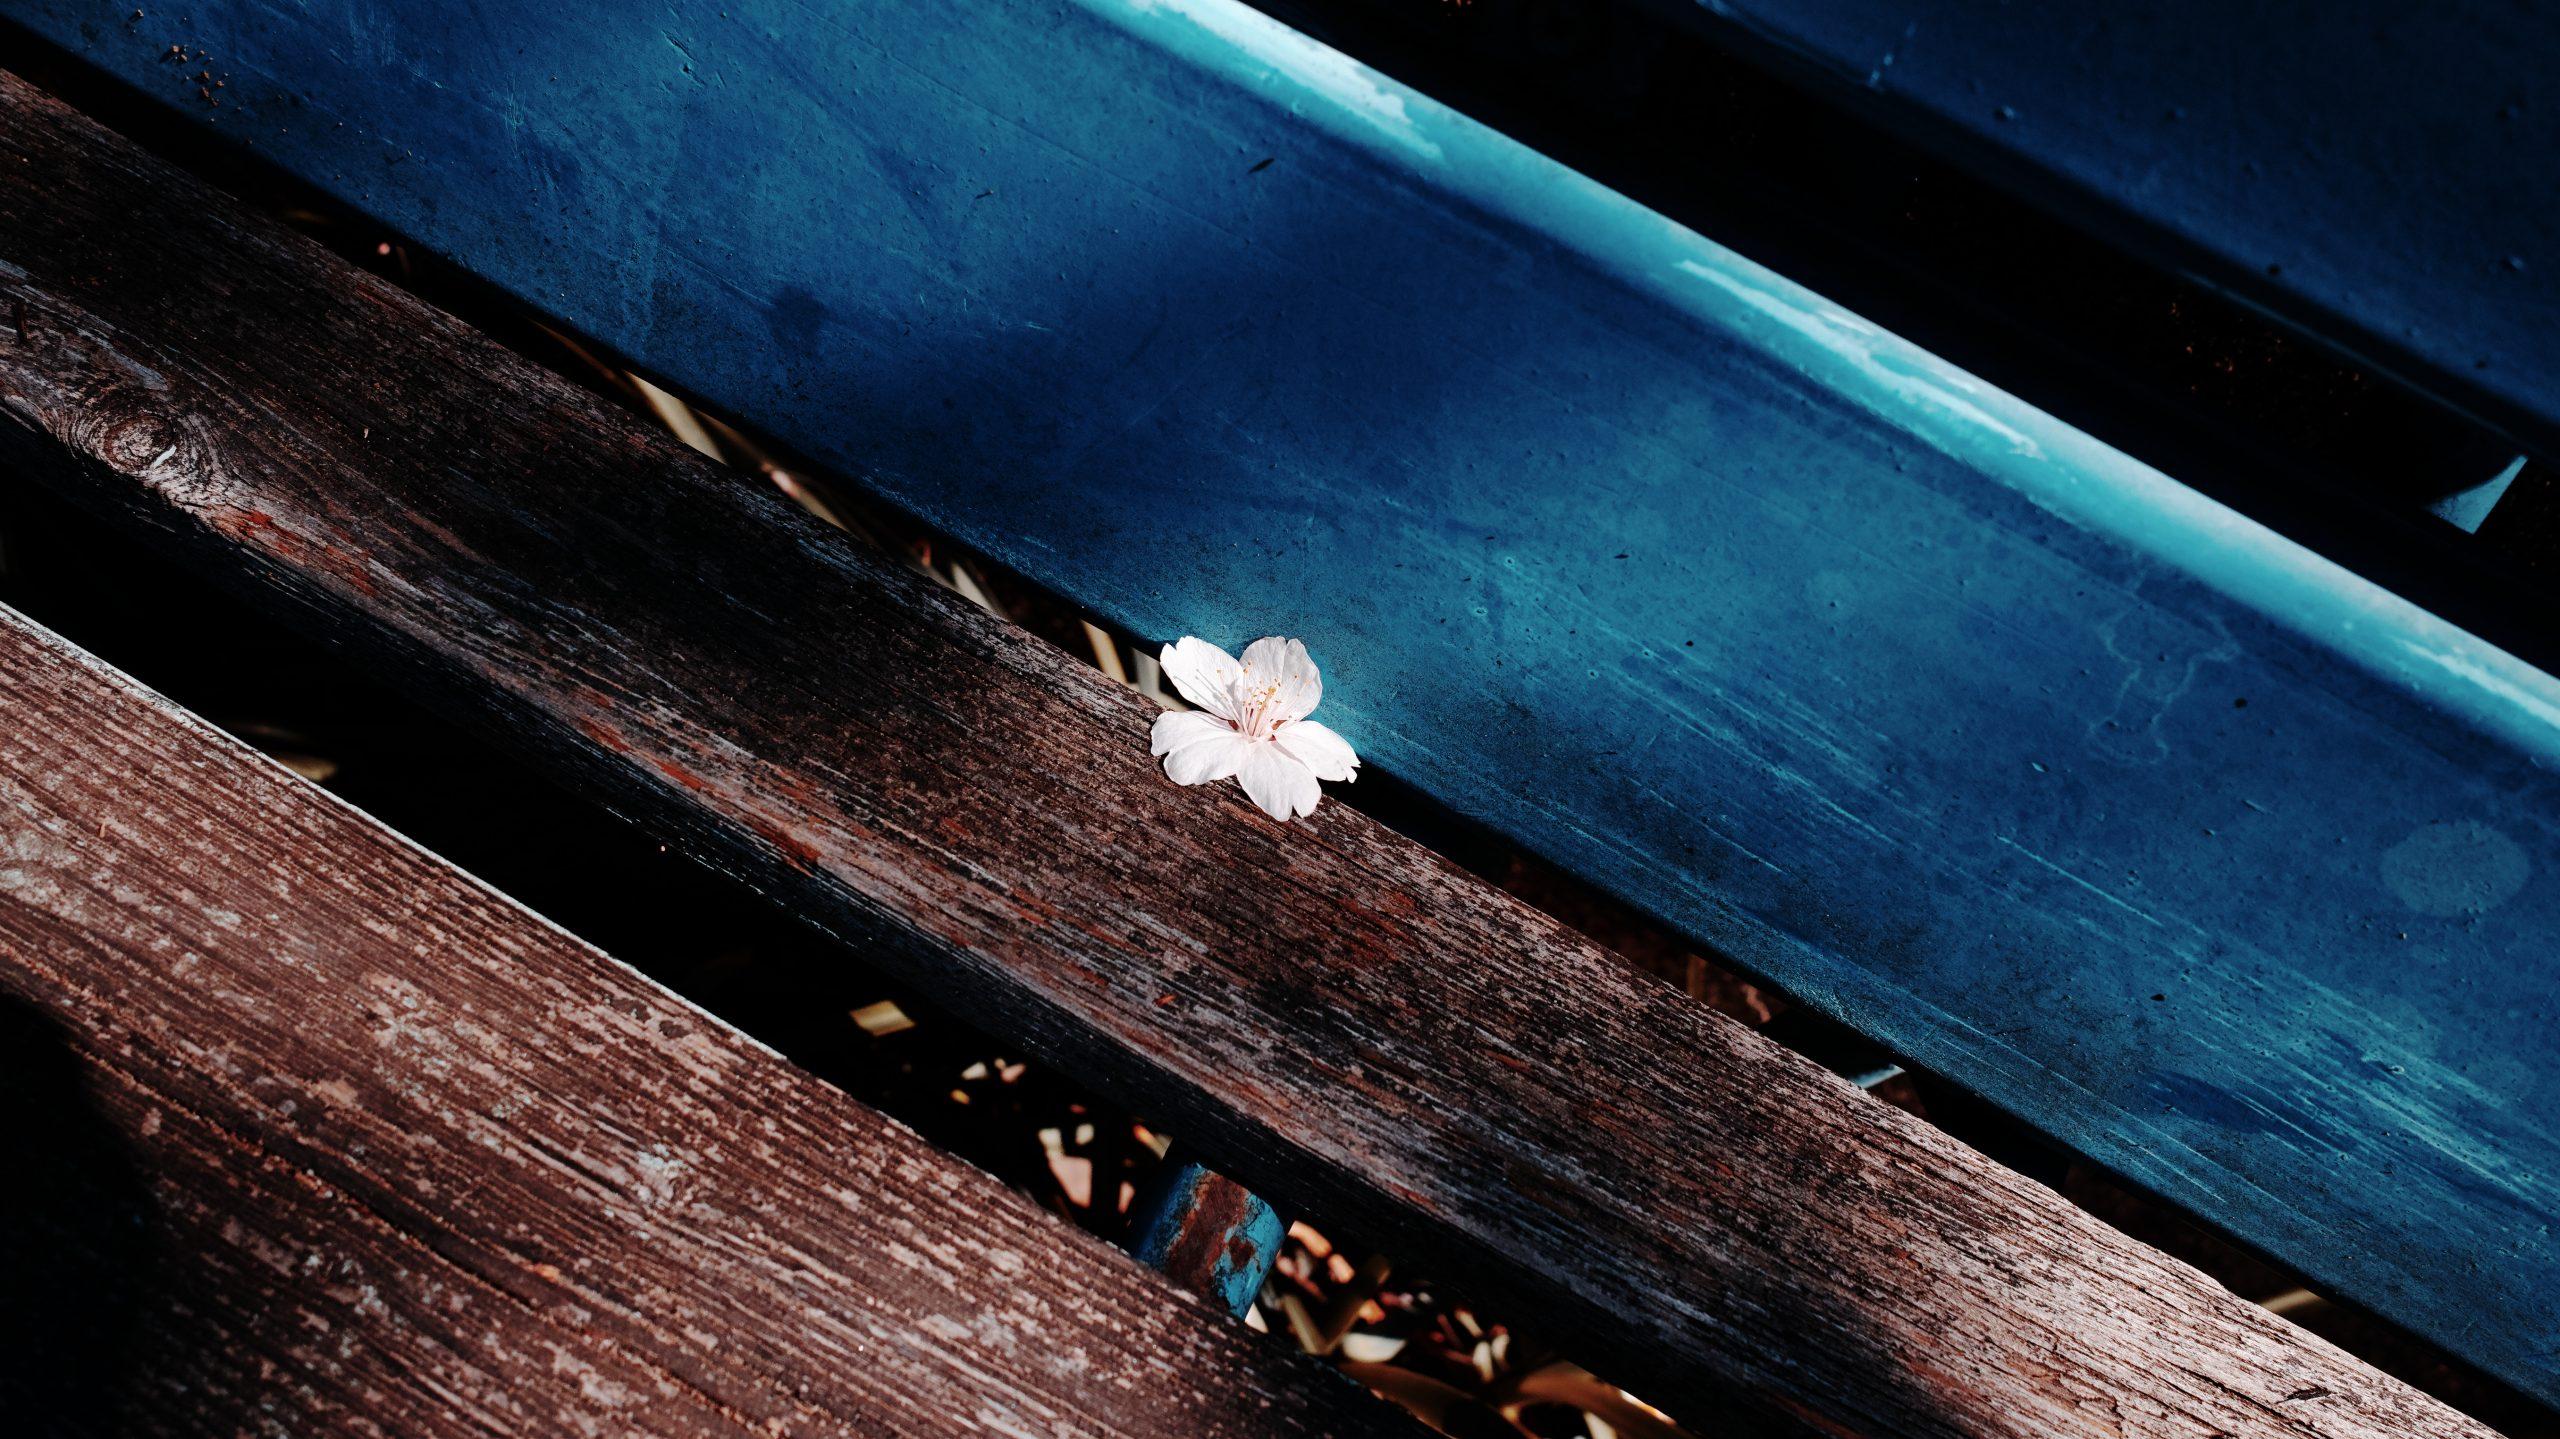 【SIGMA】桜とdp1 Quattro。